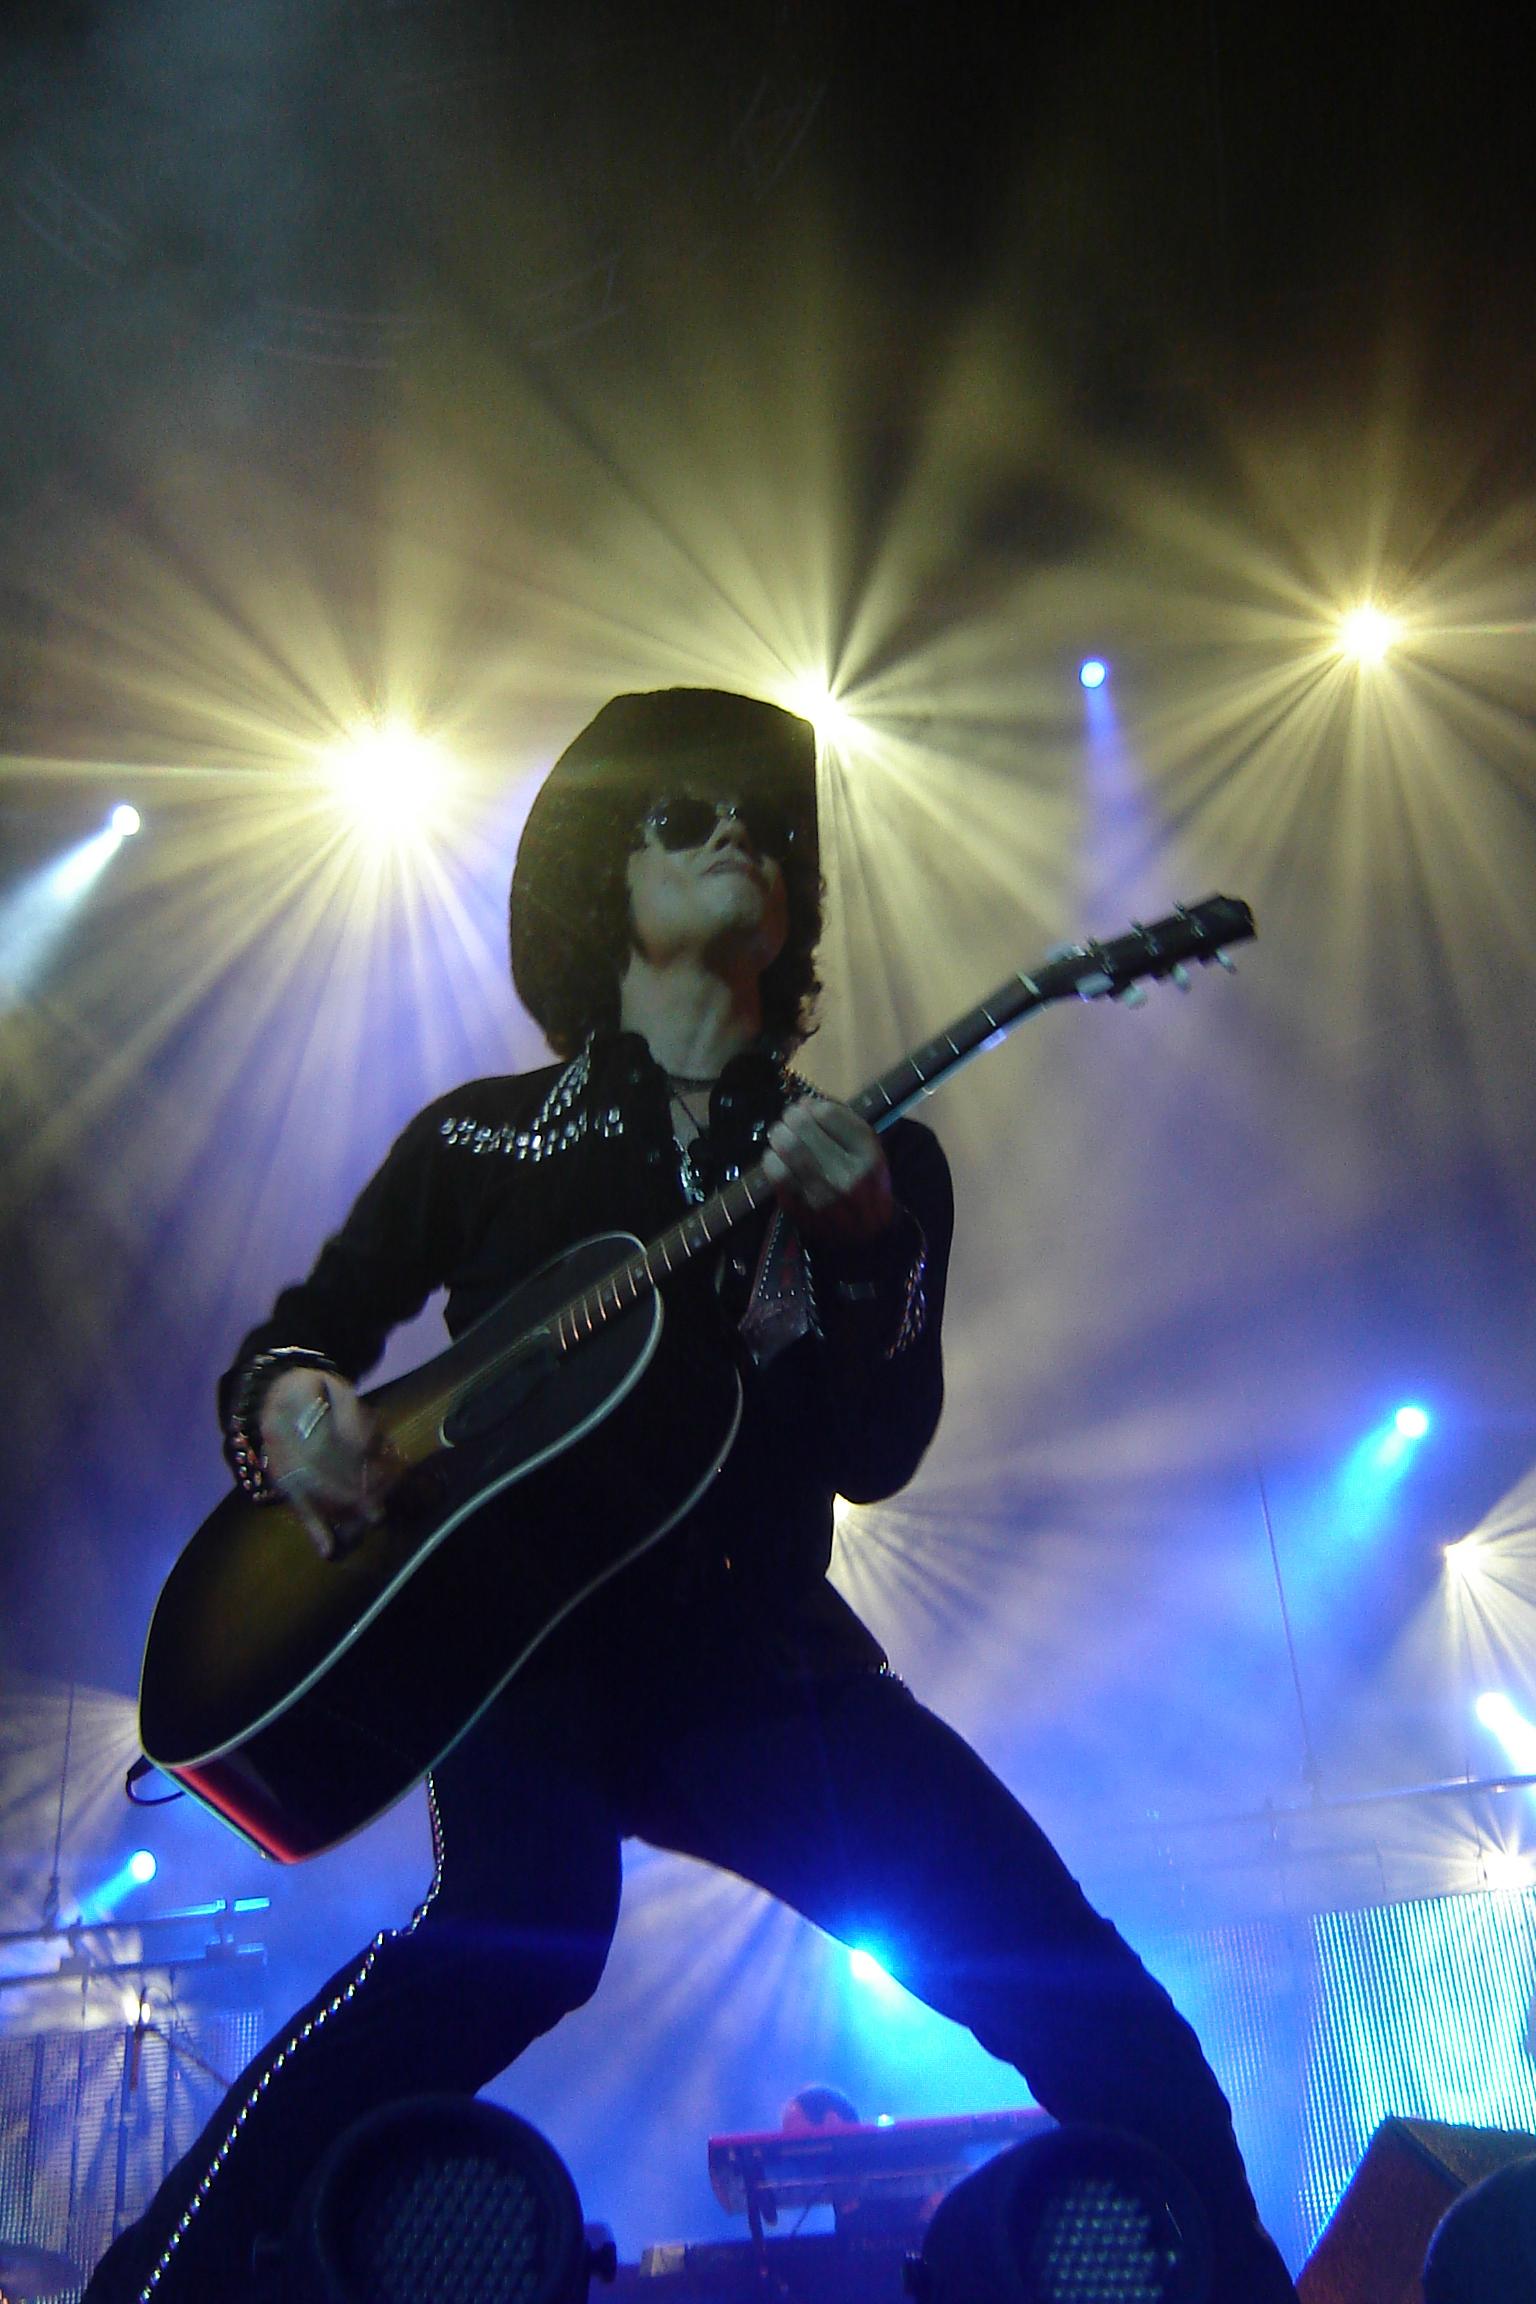 Actuación del cantante en la gira Hellville de Tour.